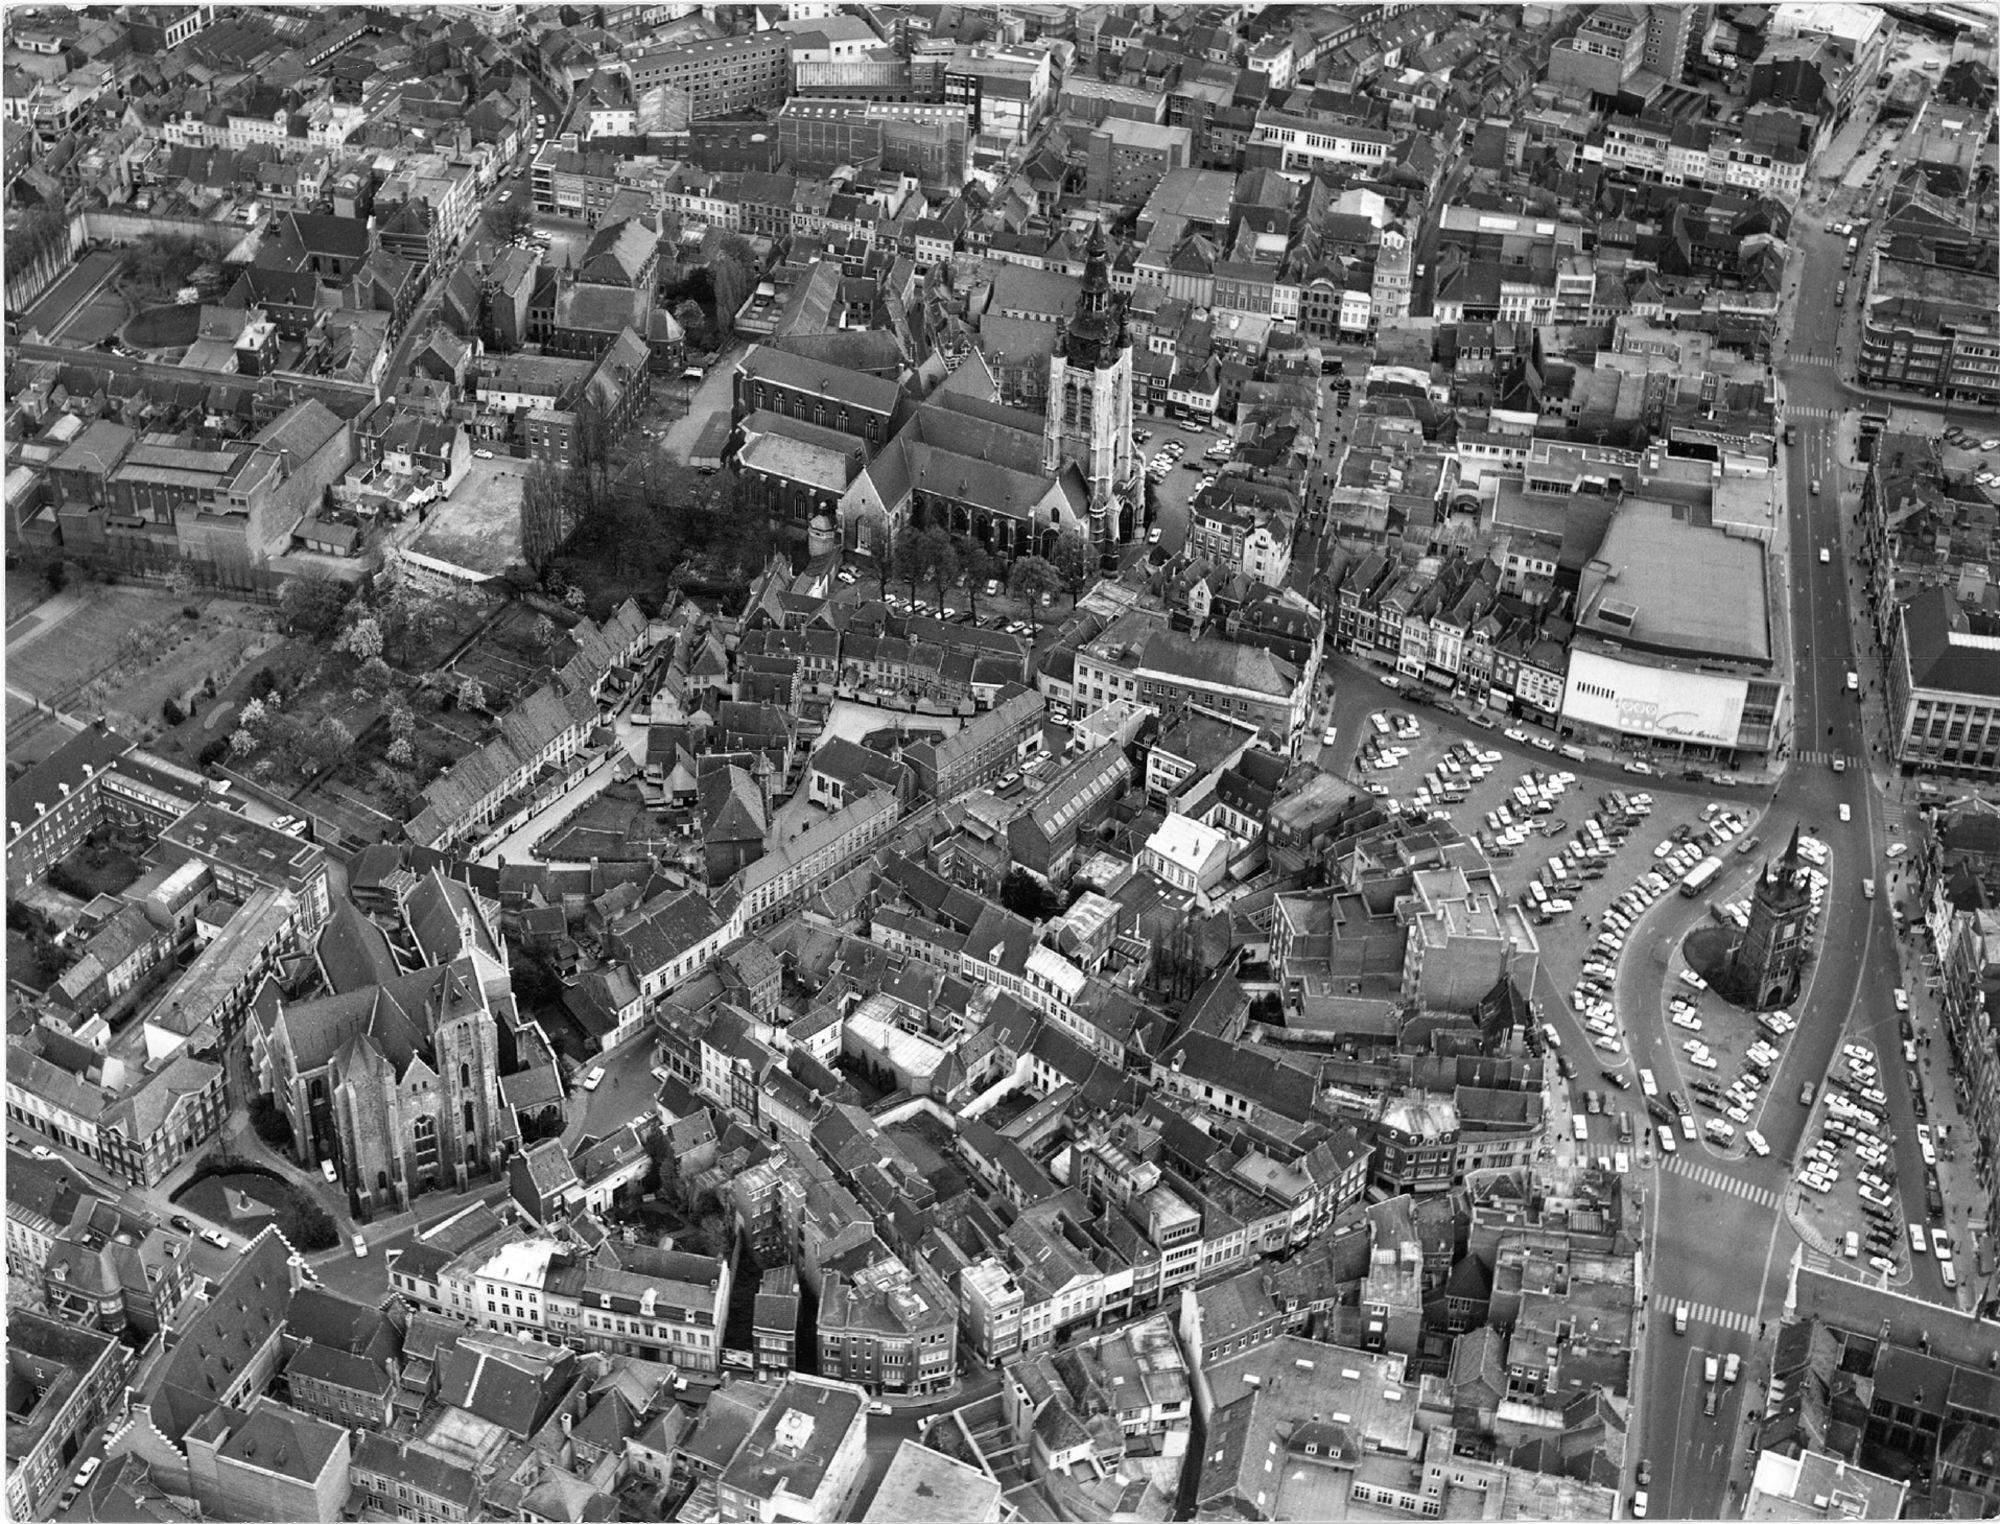 Panoramafoto van het historisch centrum van Kortrijk